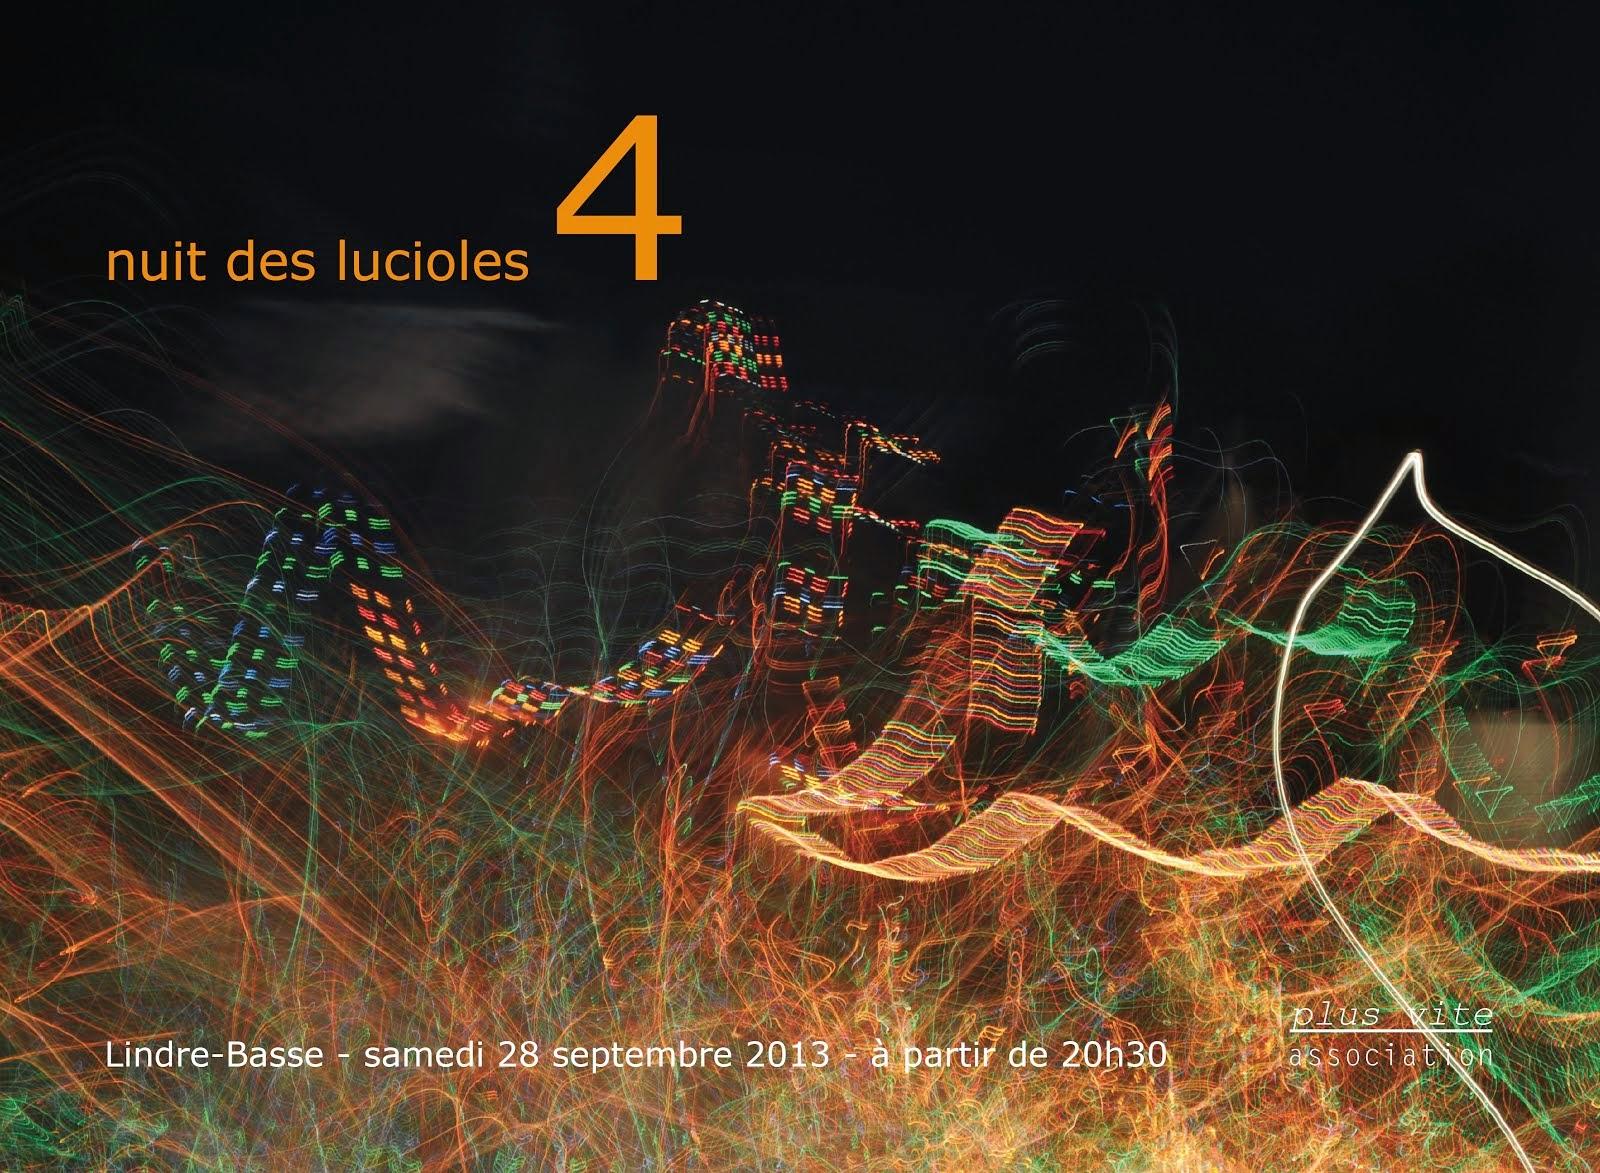 nuit des lucioles 4